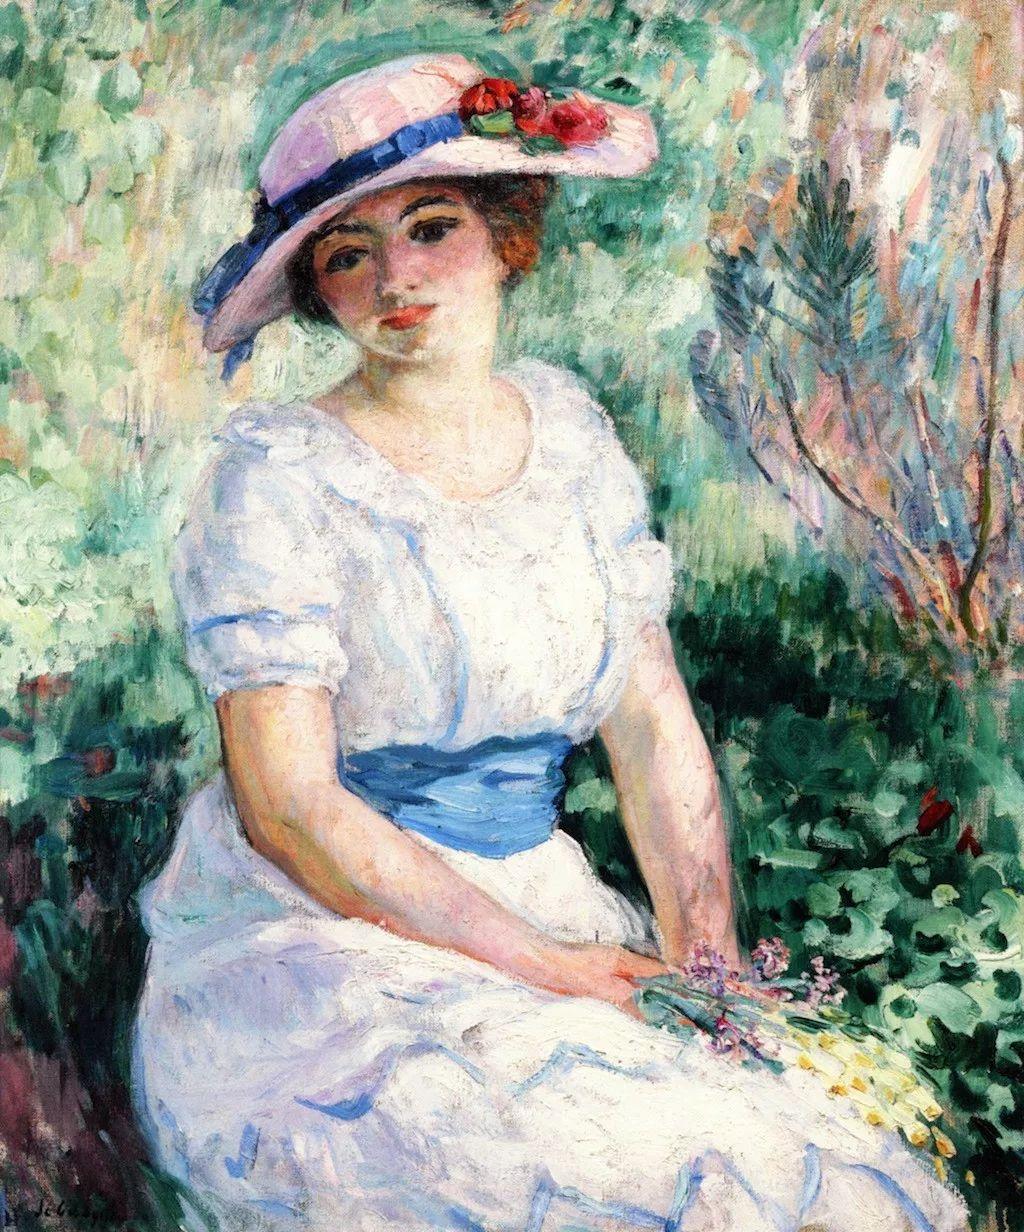 法国后印象派画家亨利·莱巴斯克人物油画作品欣赏